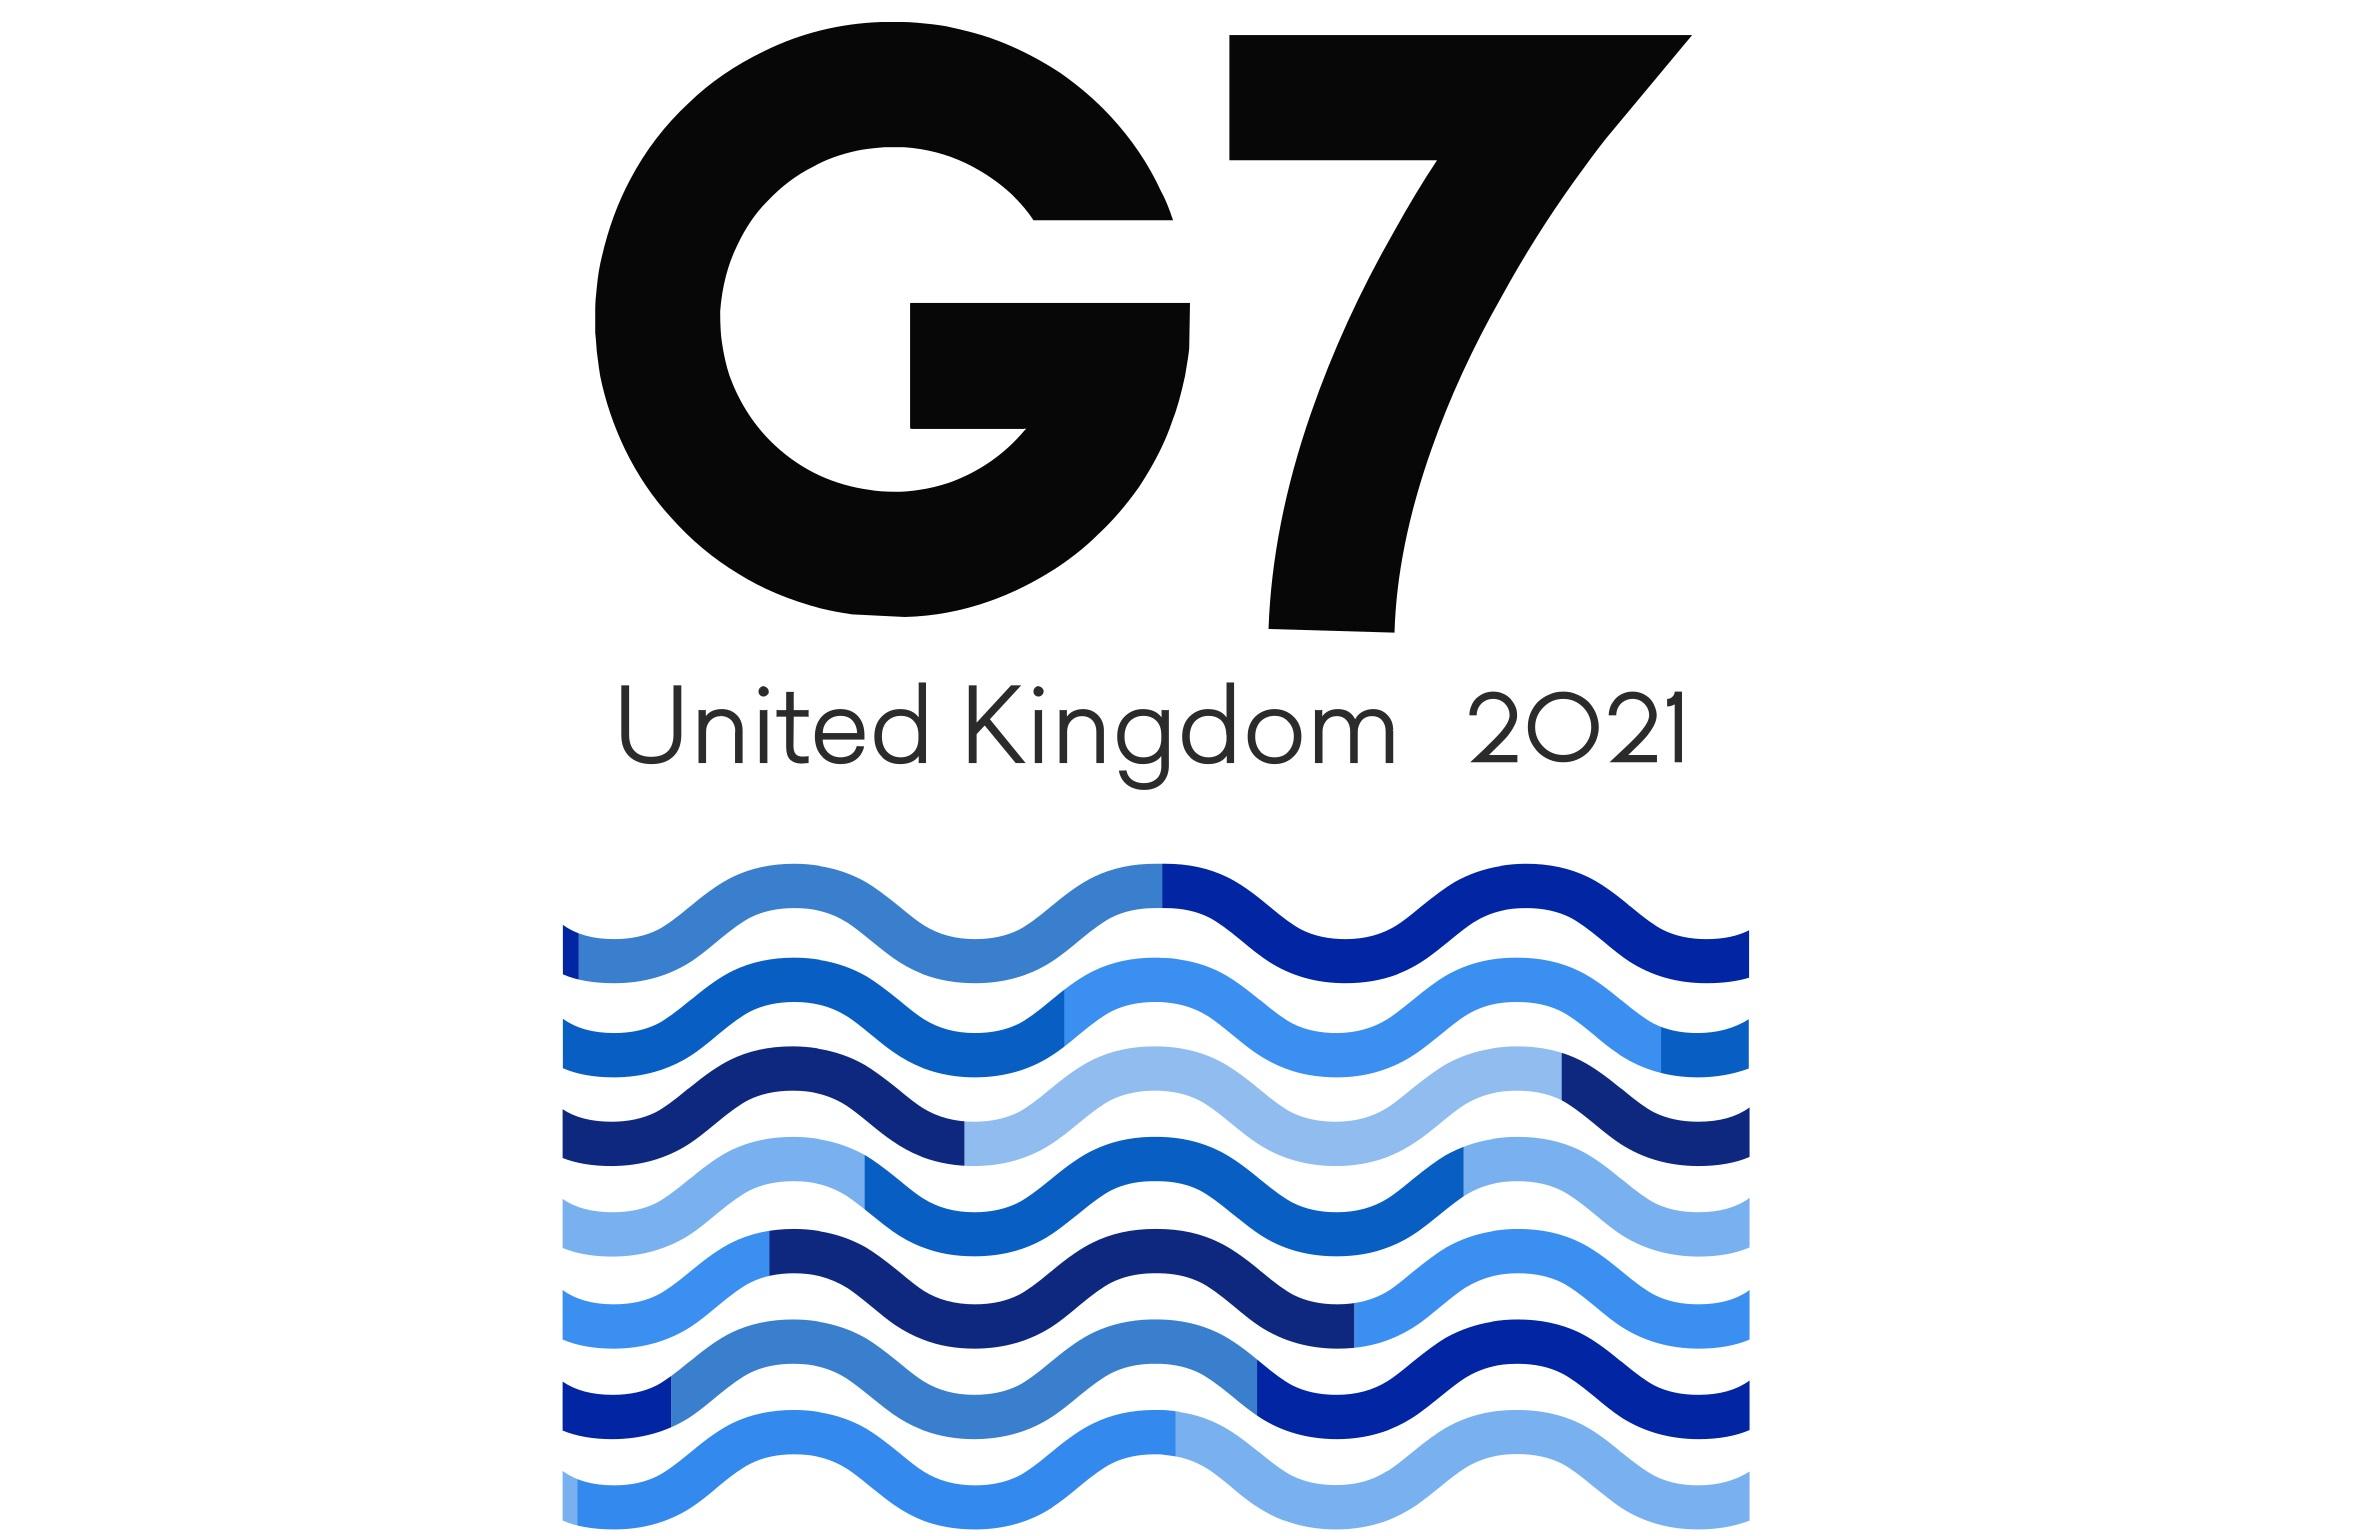 世界各地宗教领袖致函呼吁G7正视疫苗公平性